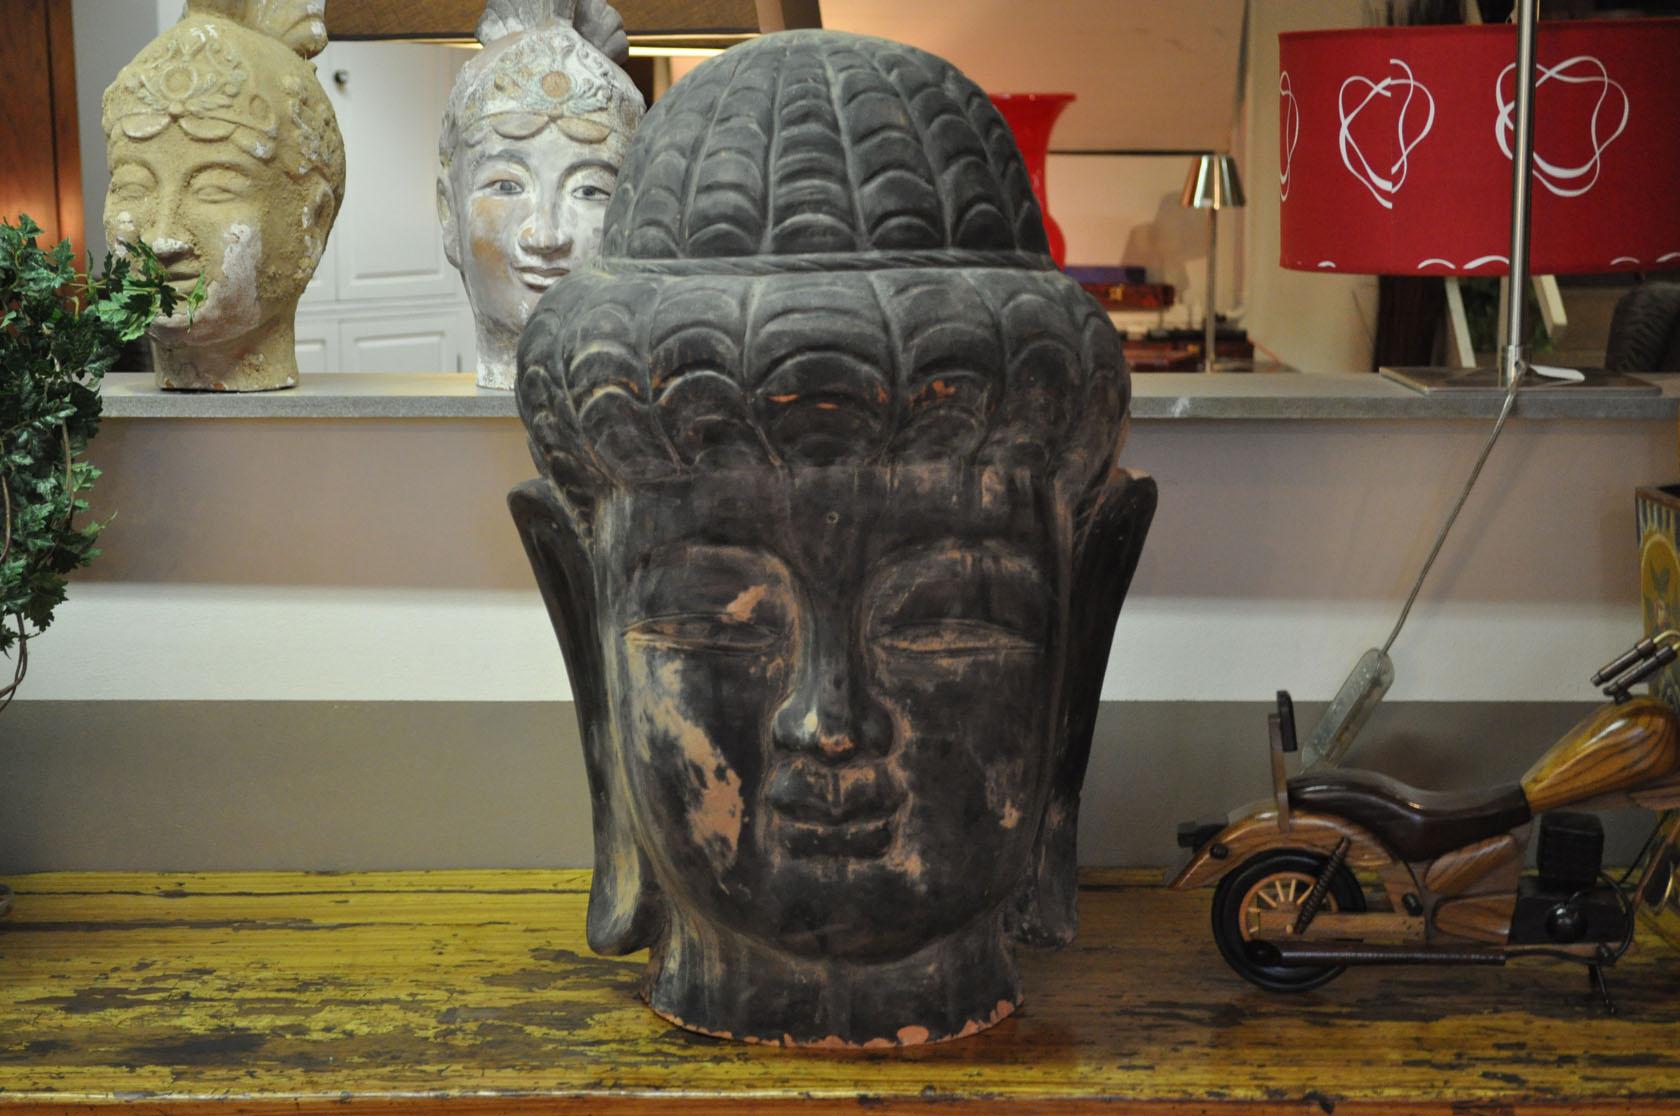 http://antiekendesignsimons.nl/wp-content/uploads/slide/2/buddha.jpg